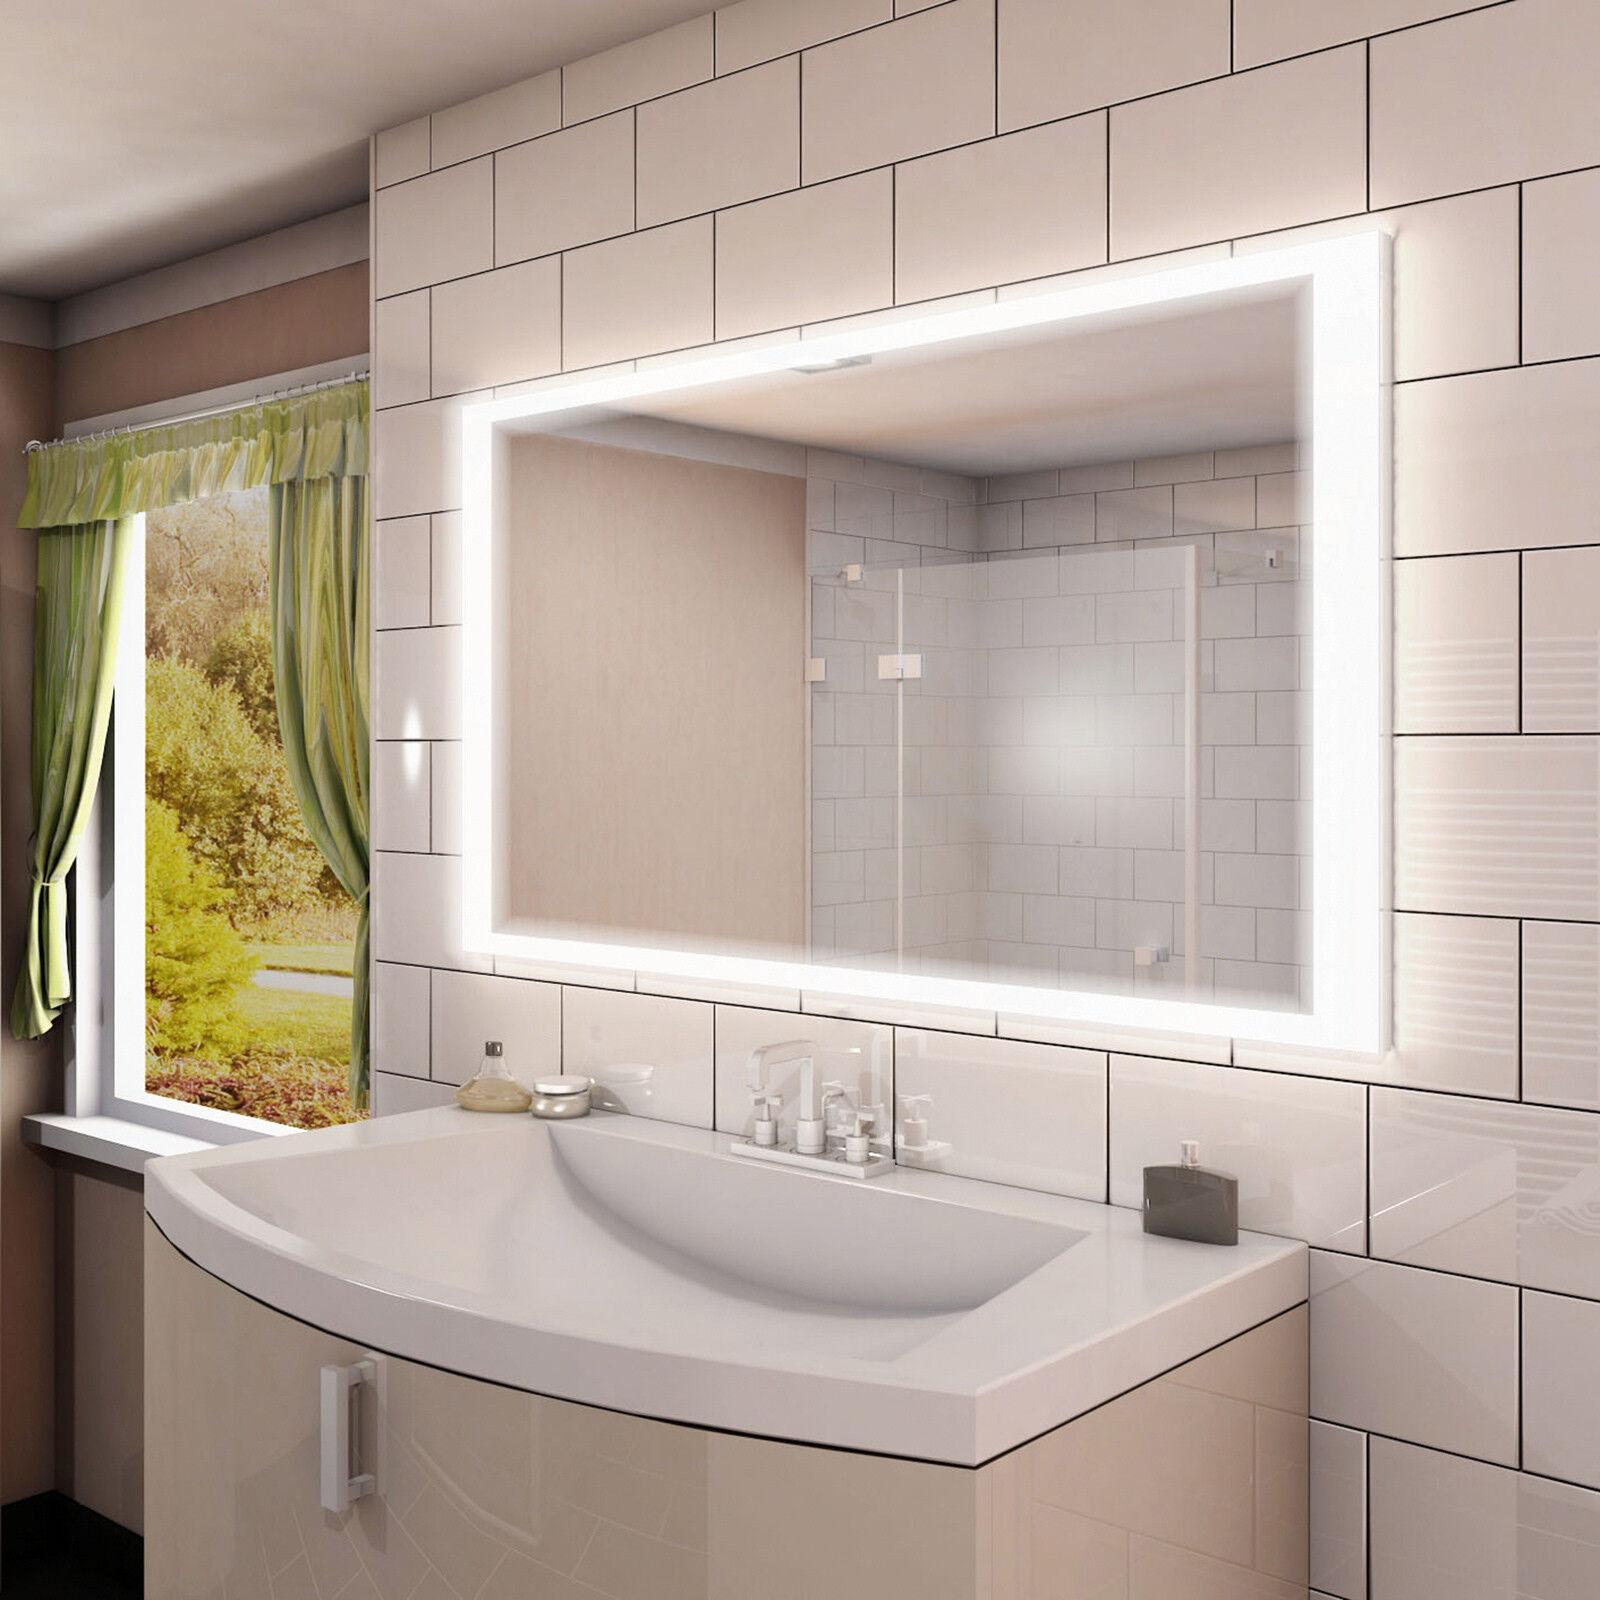 LED Badspiegel Spiegel nach Maß mit Beleuchtung Neutralweiss ☼ A7 ☼ MNJ1L4